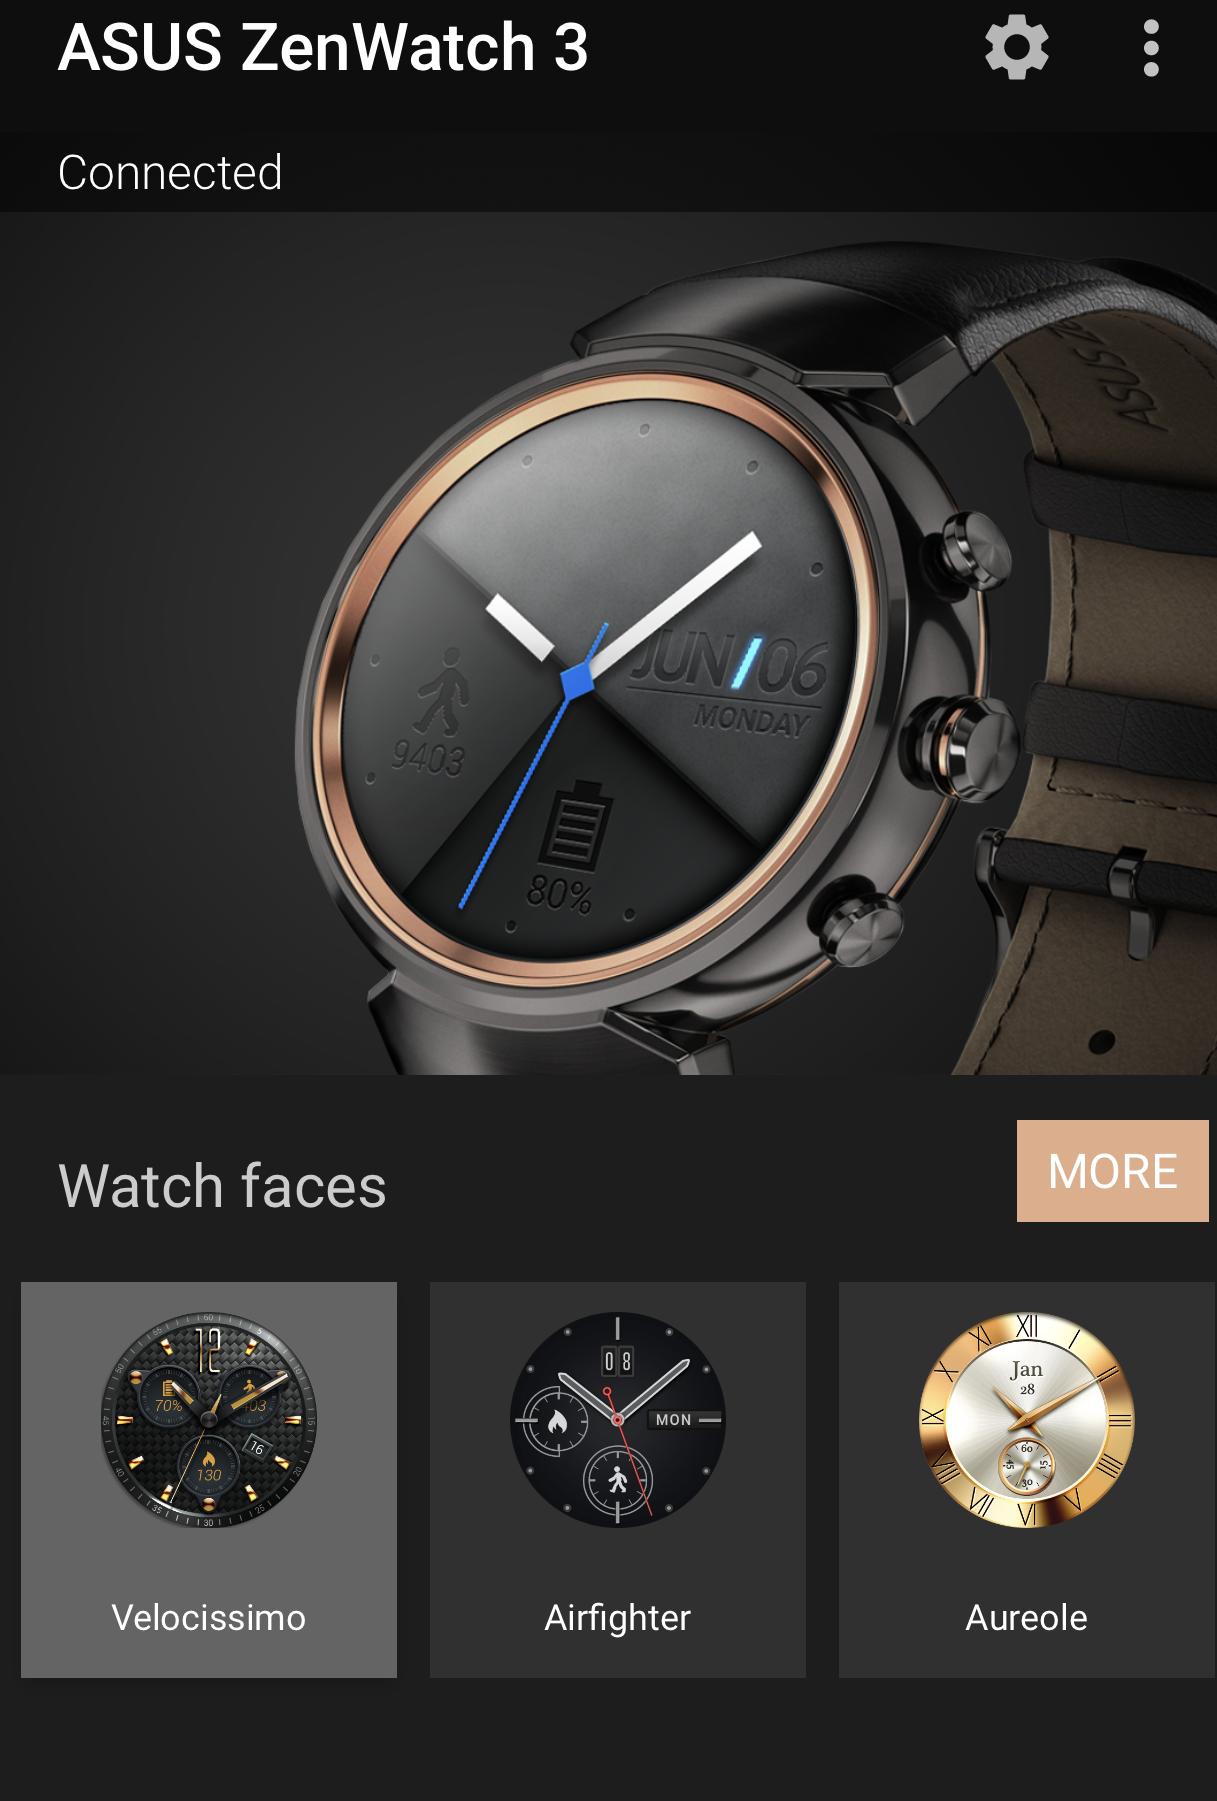 ASUS Zenwatch 3 app